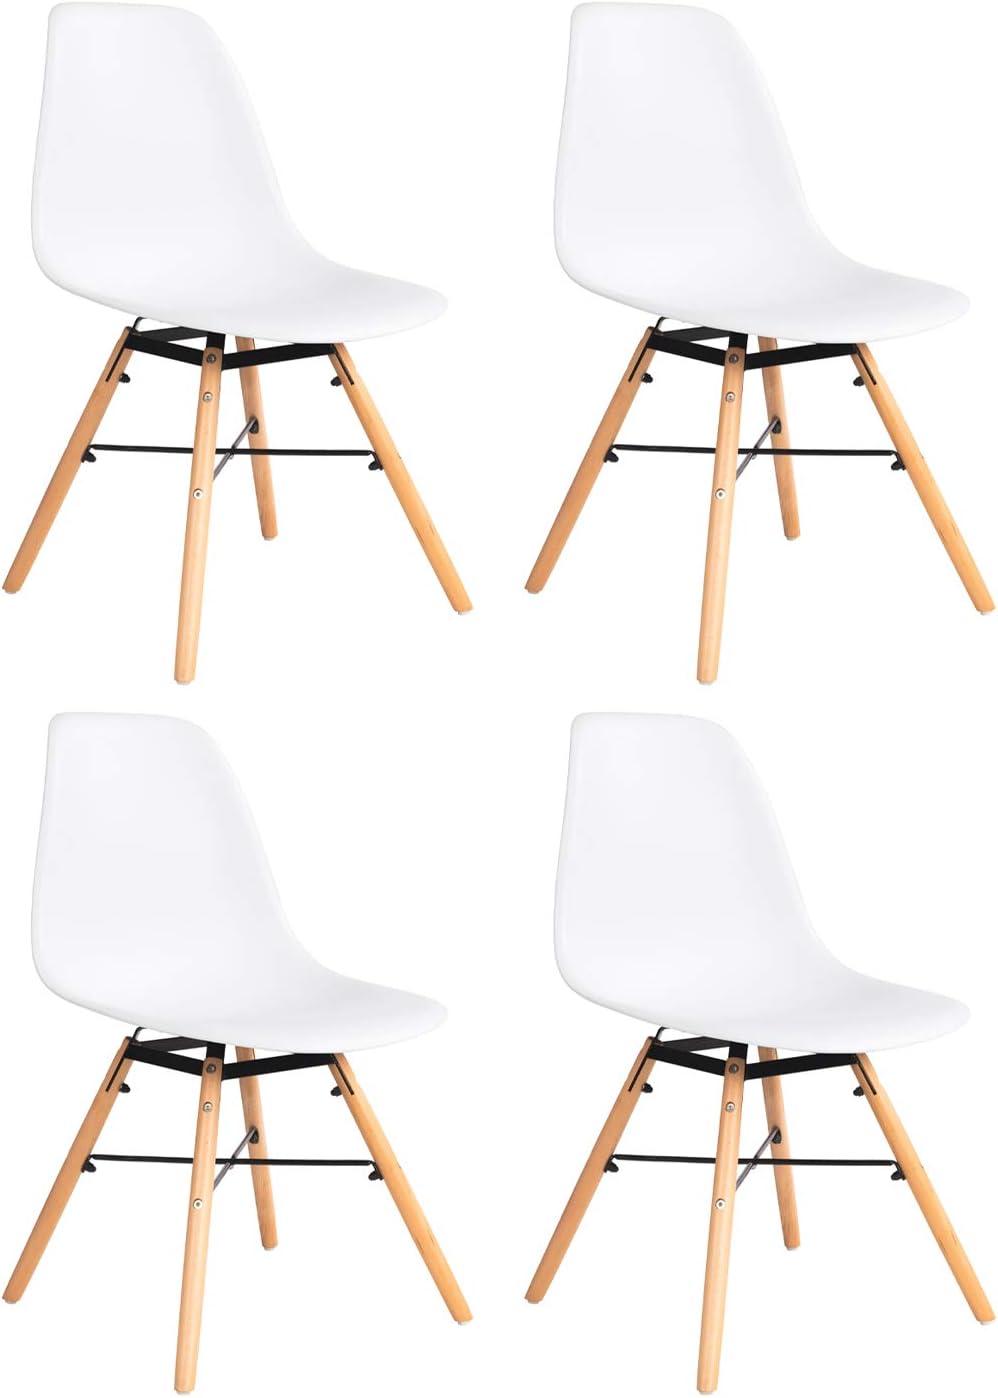 Pack de 4 Sillas de Comedor Silla de Plástico de Diseño Moderno Sillas de Madera Sillas de Oficina (Blanco)